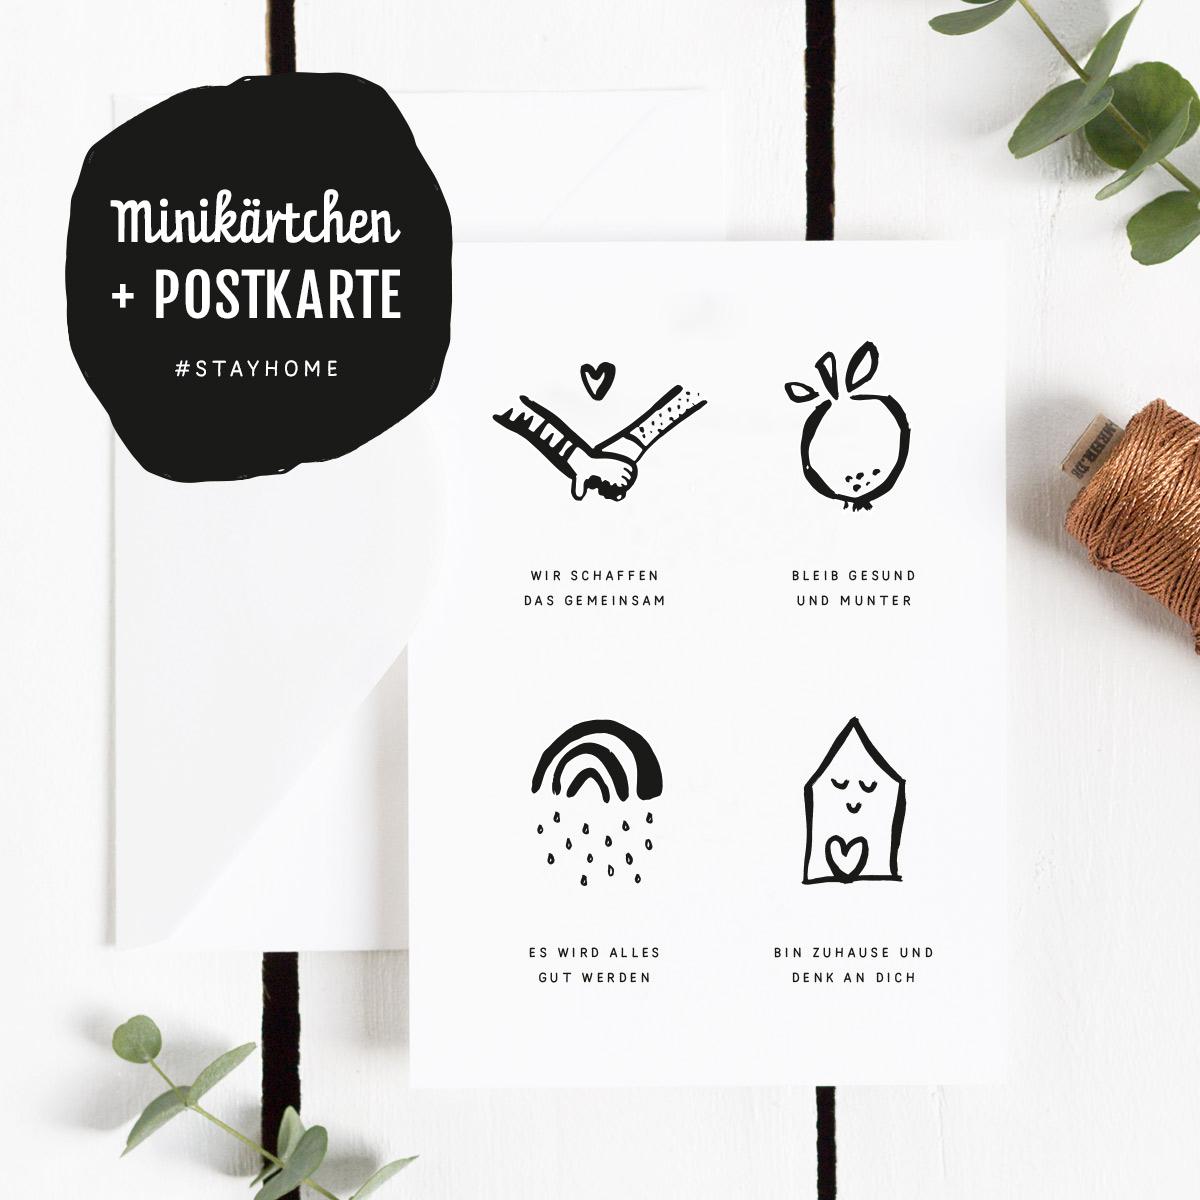 Freebie Postkarte mit Mini-Kärtchen #stayhome in schwarzweiß